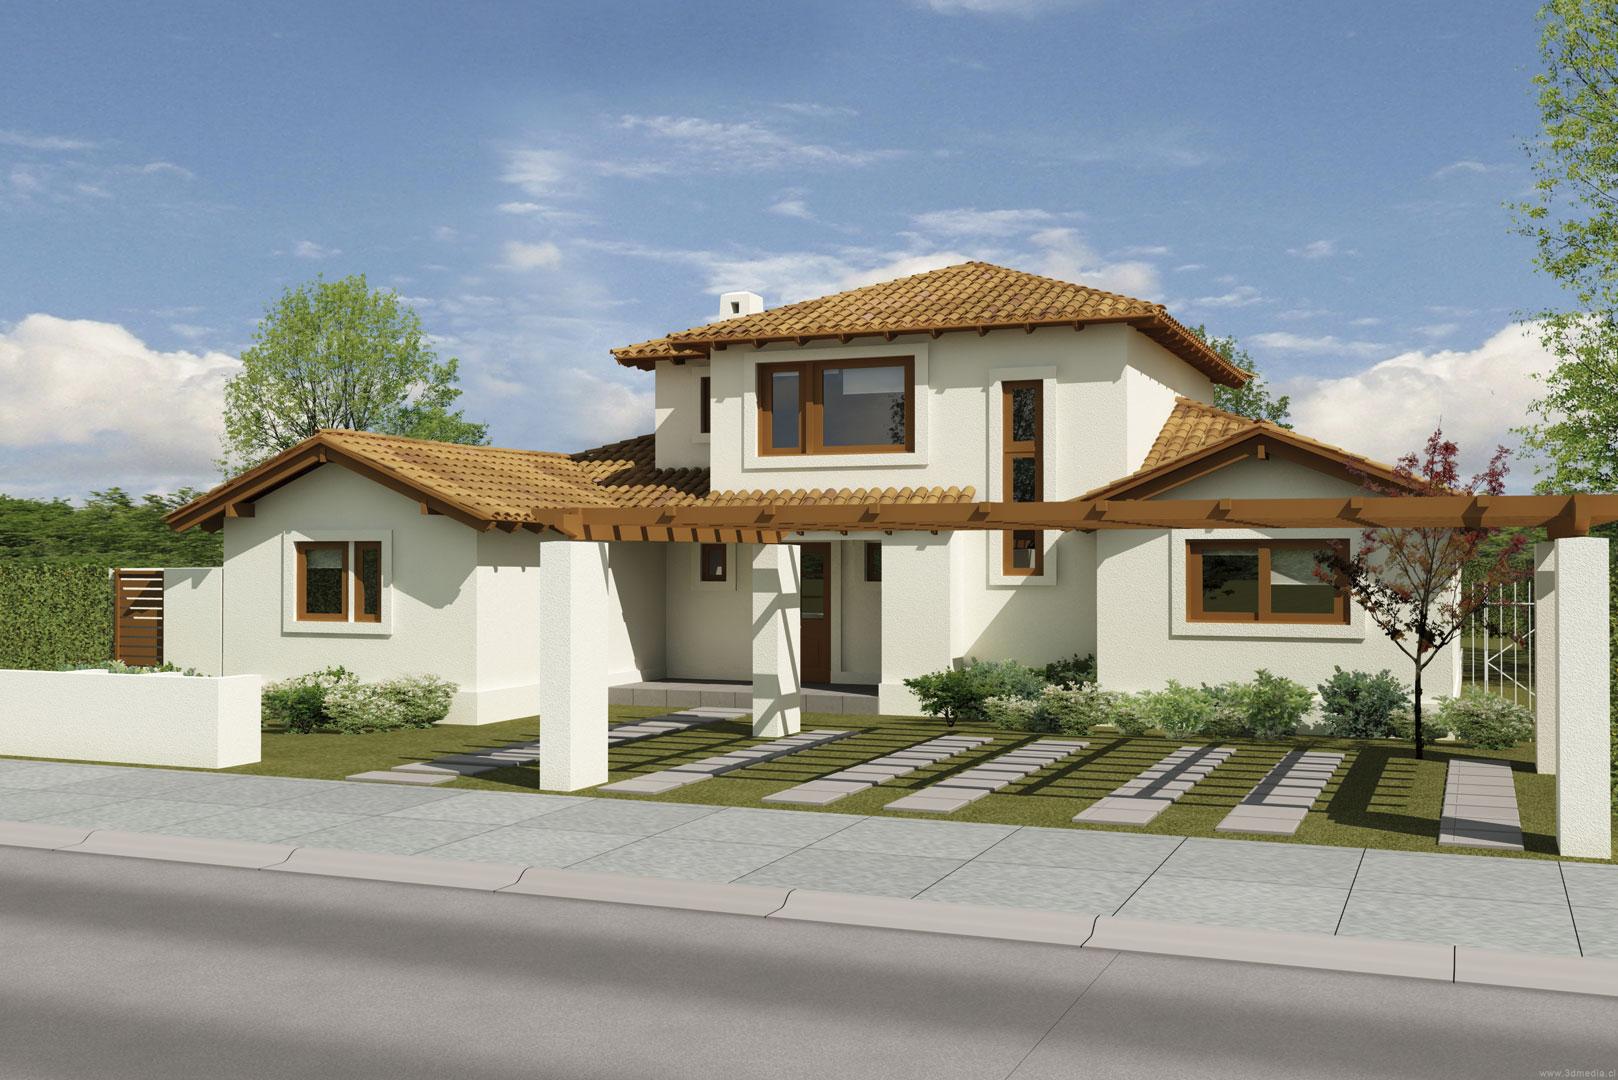 Proyectos en colina for Constructora casa